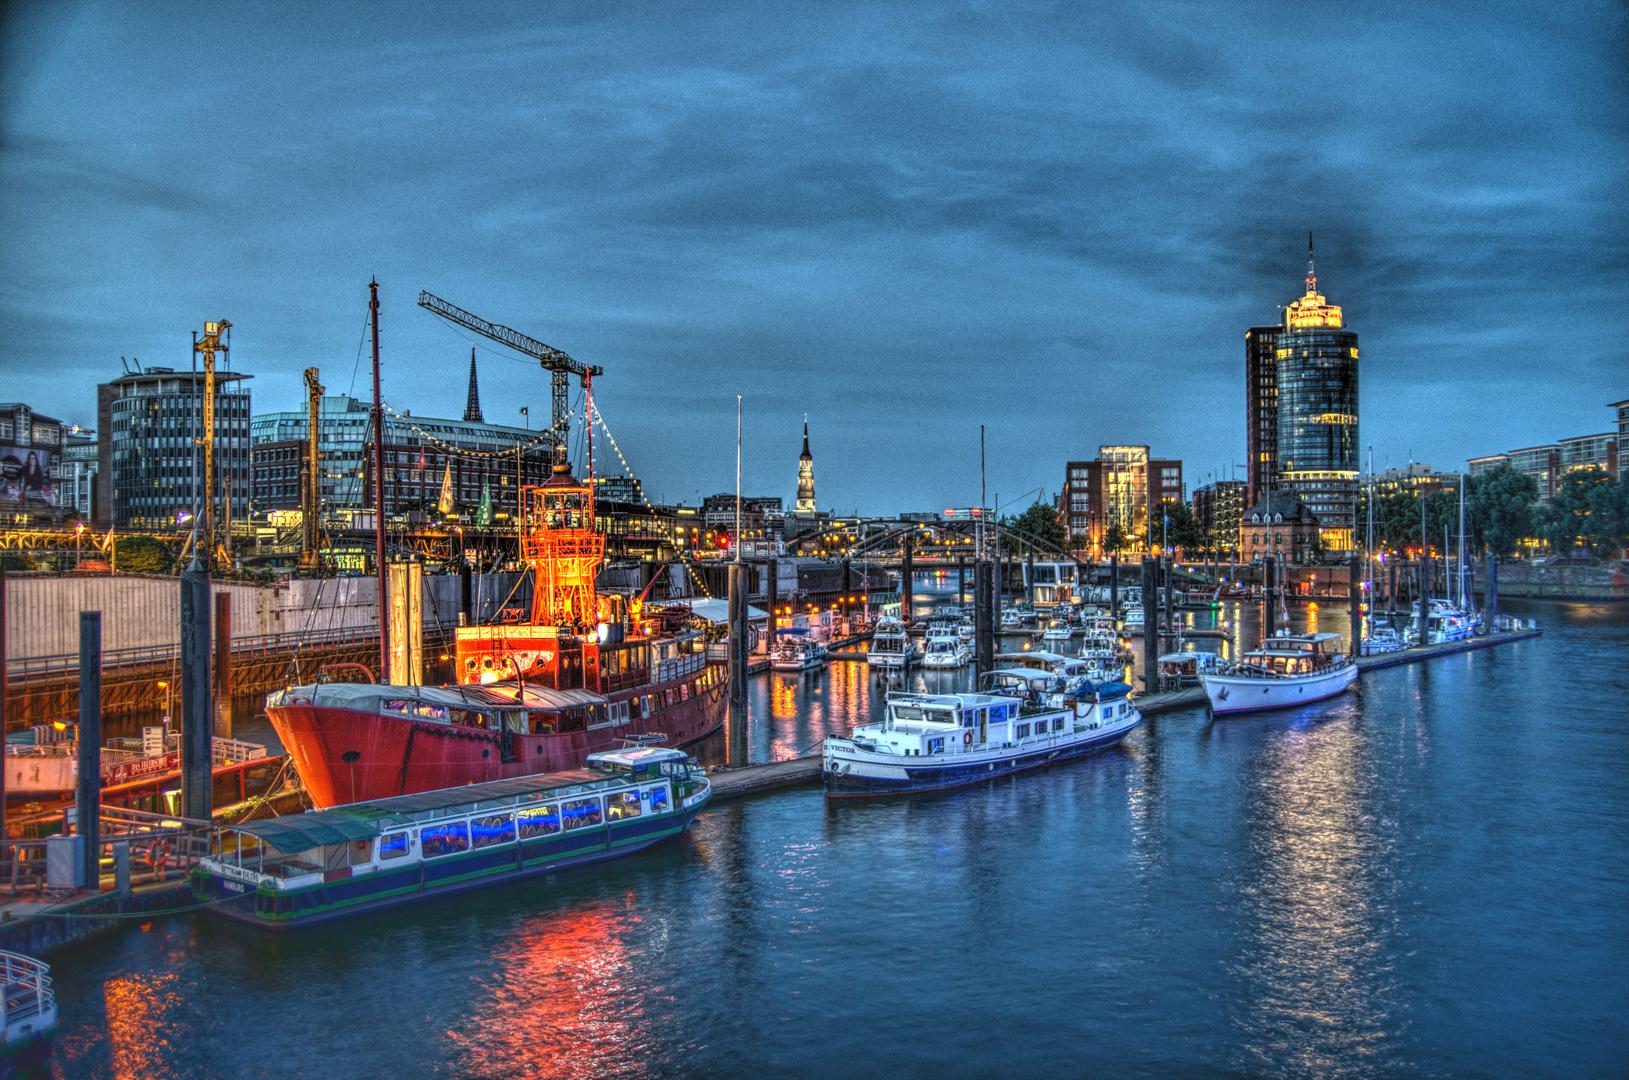 HH - Feuerschiff by night